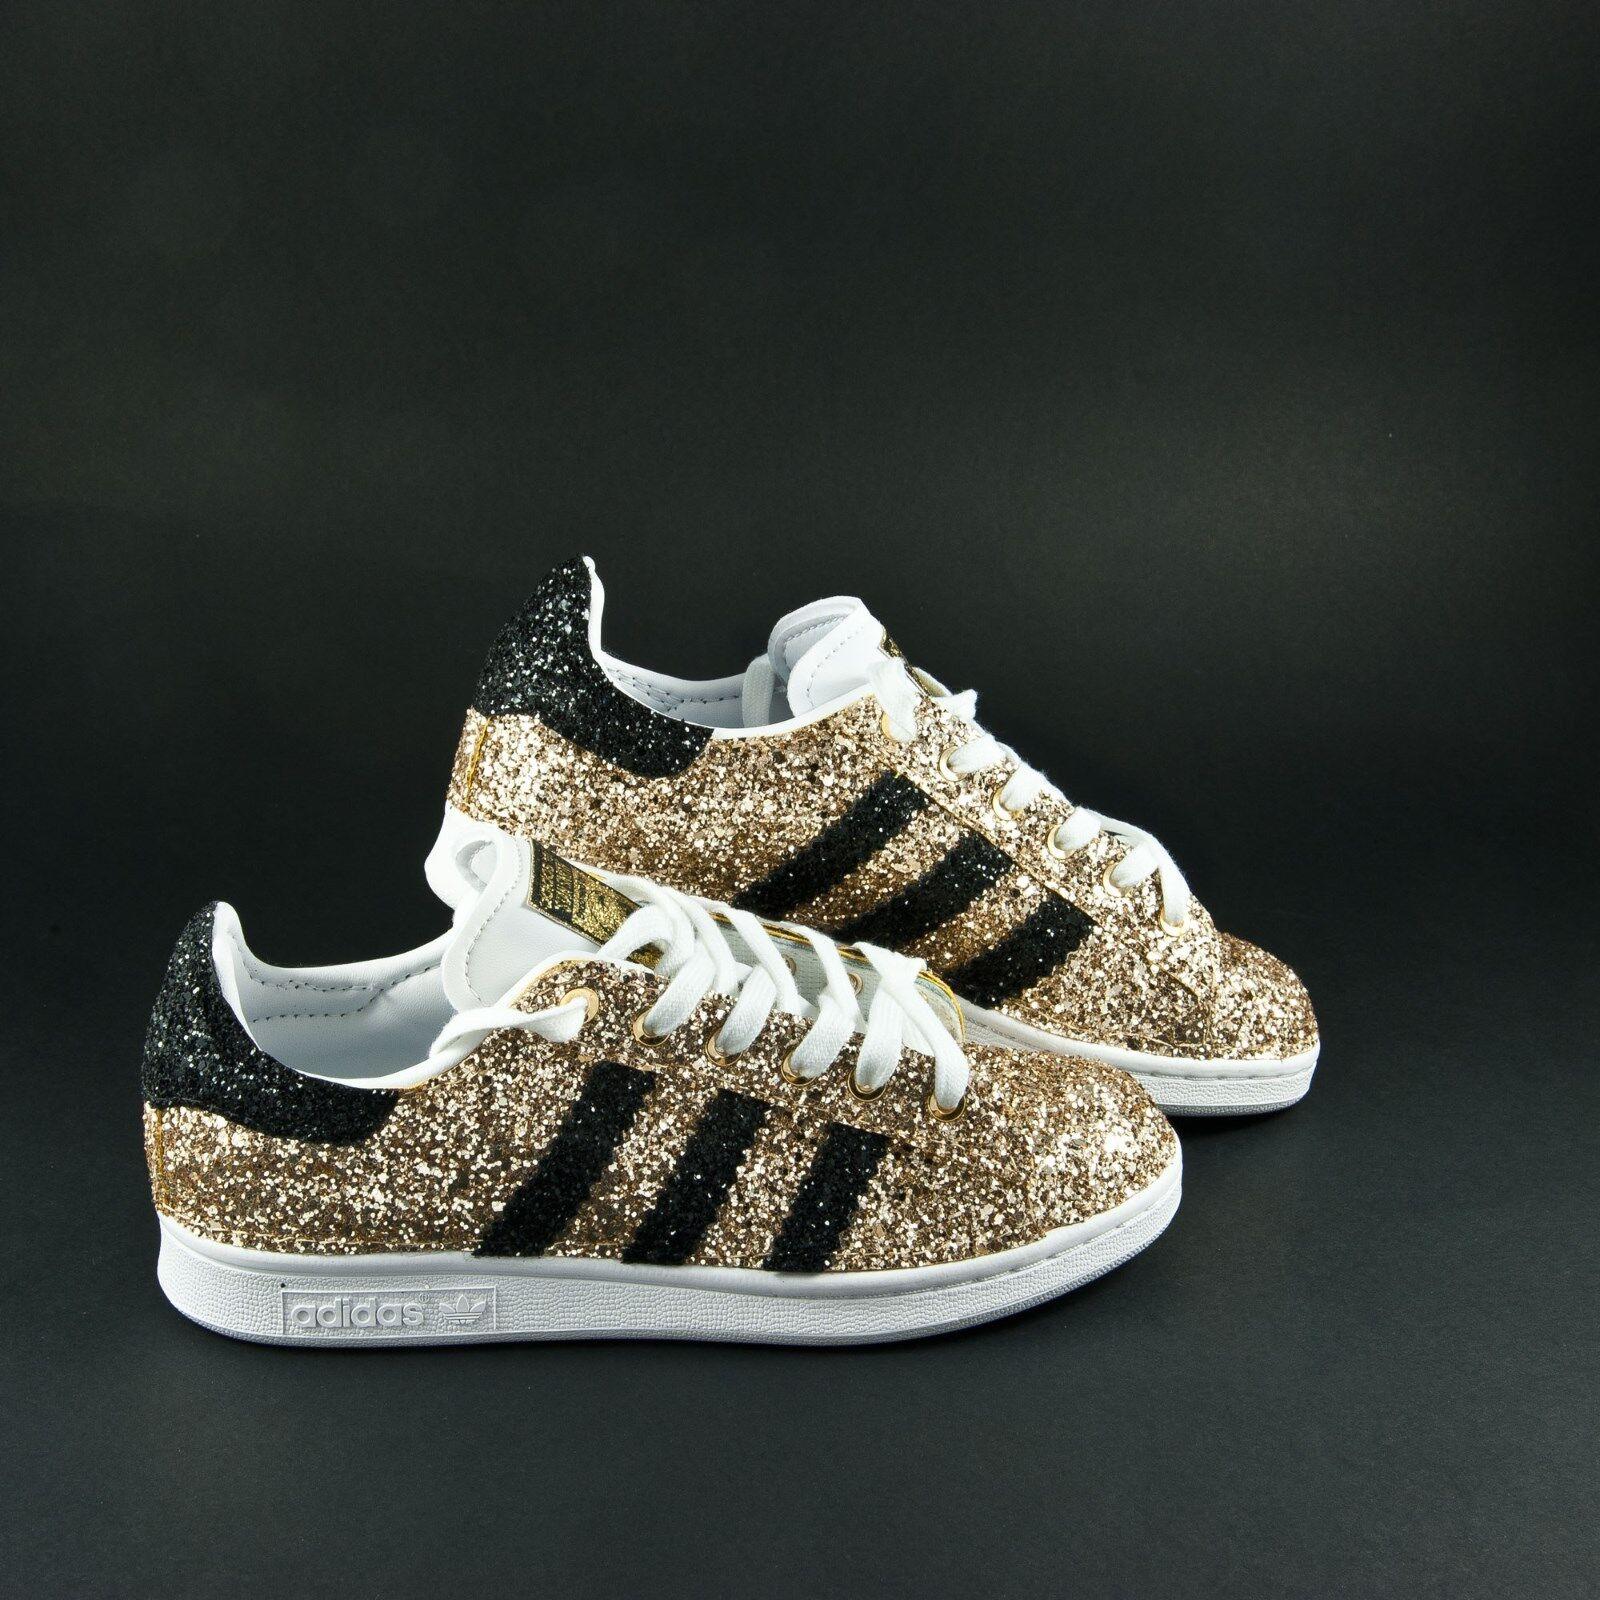 Los últimos zapatos de descuento para hombres y mujeres Barato y cómodo scarpe adidas stan smith  glitter oro e glitter nero anche sulla punta